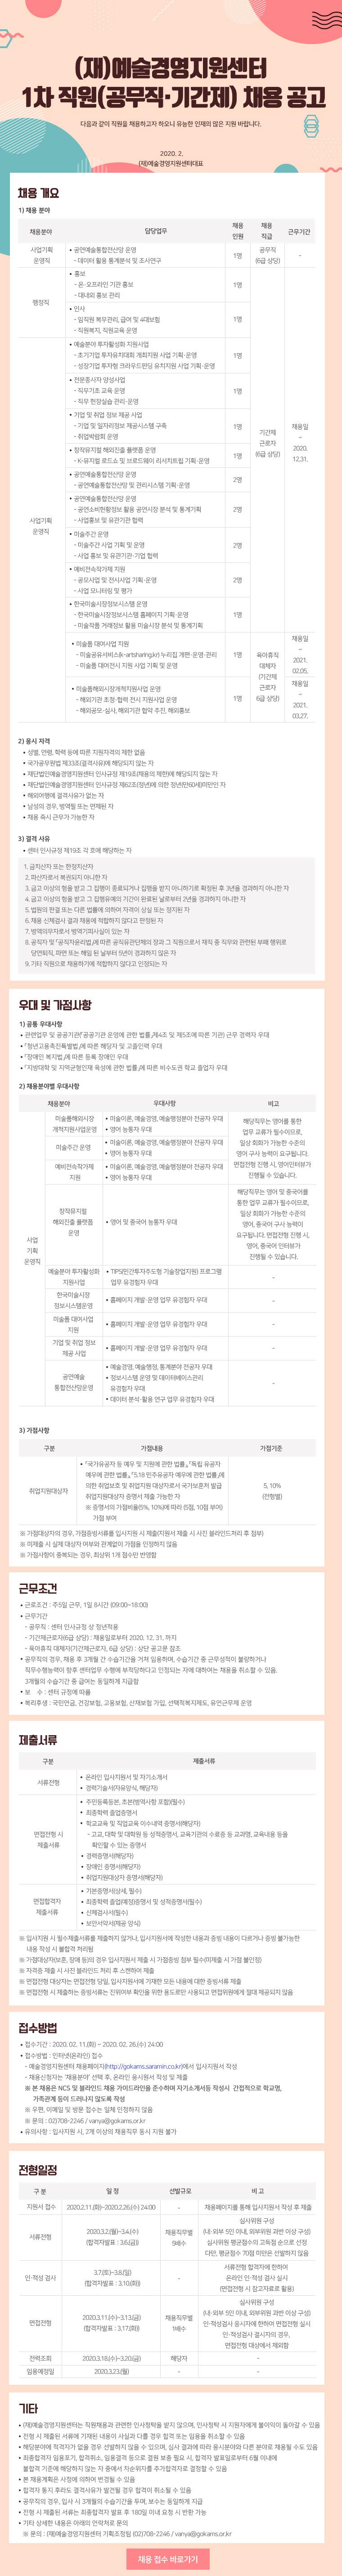 [예술경영지원센터] 월드뮤직엑스포공식쇼케_참가신청안내문